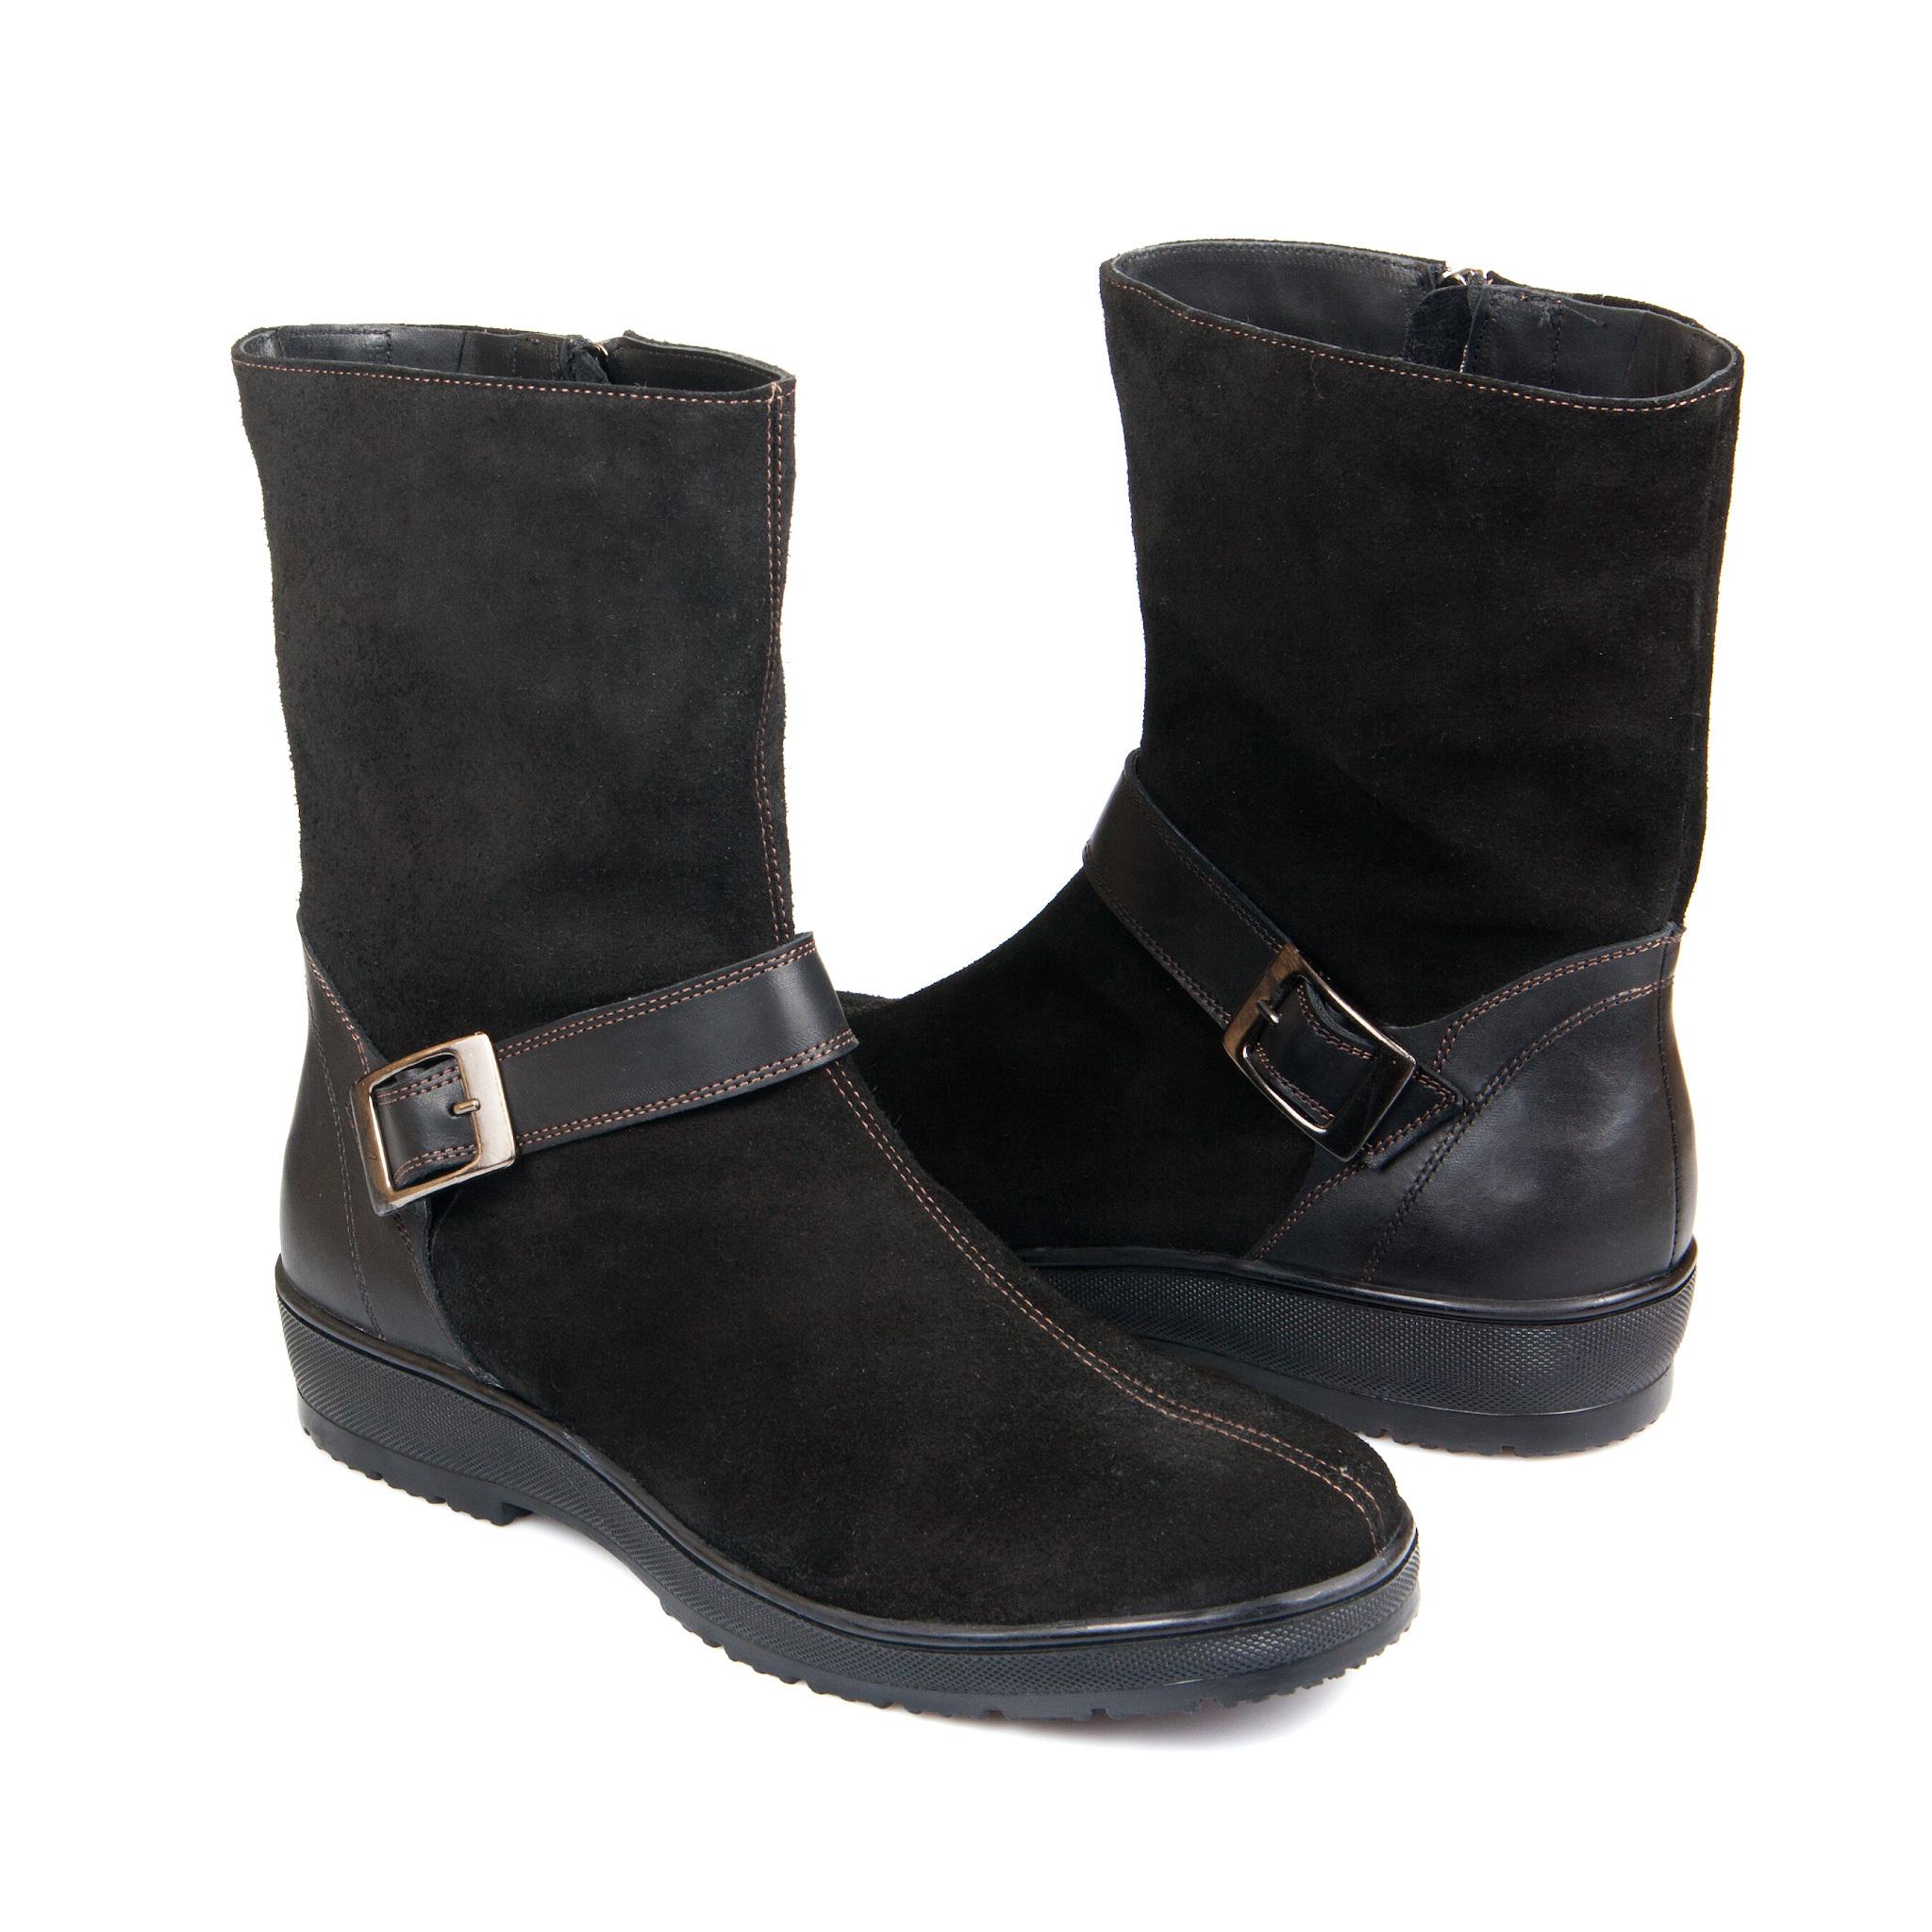 626459 полусапожки женские черные больших размеров марки Делфино